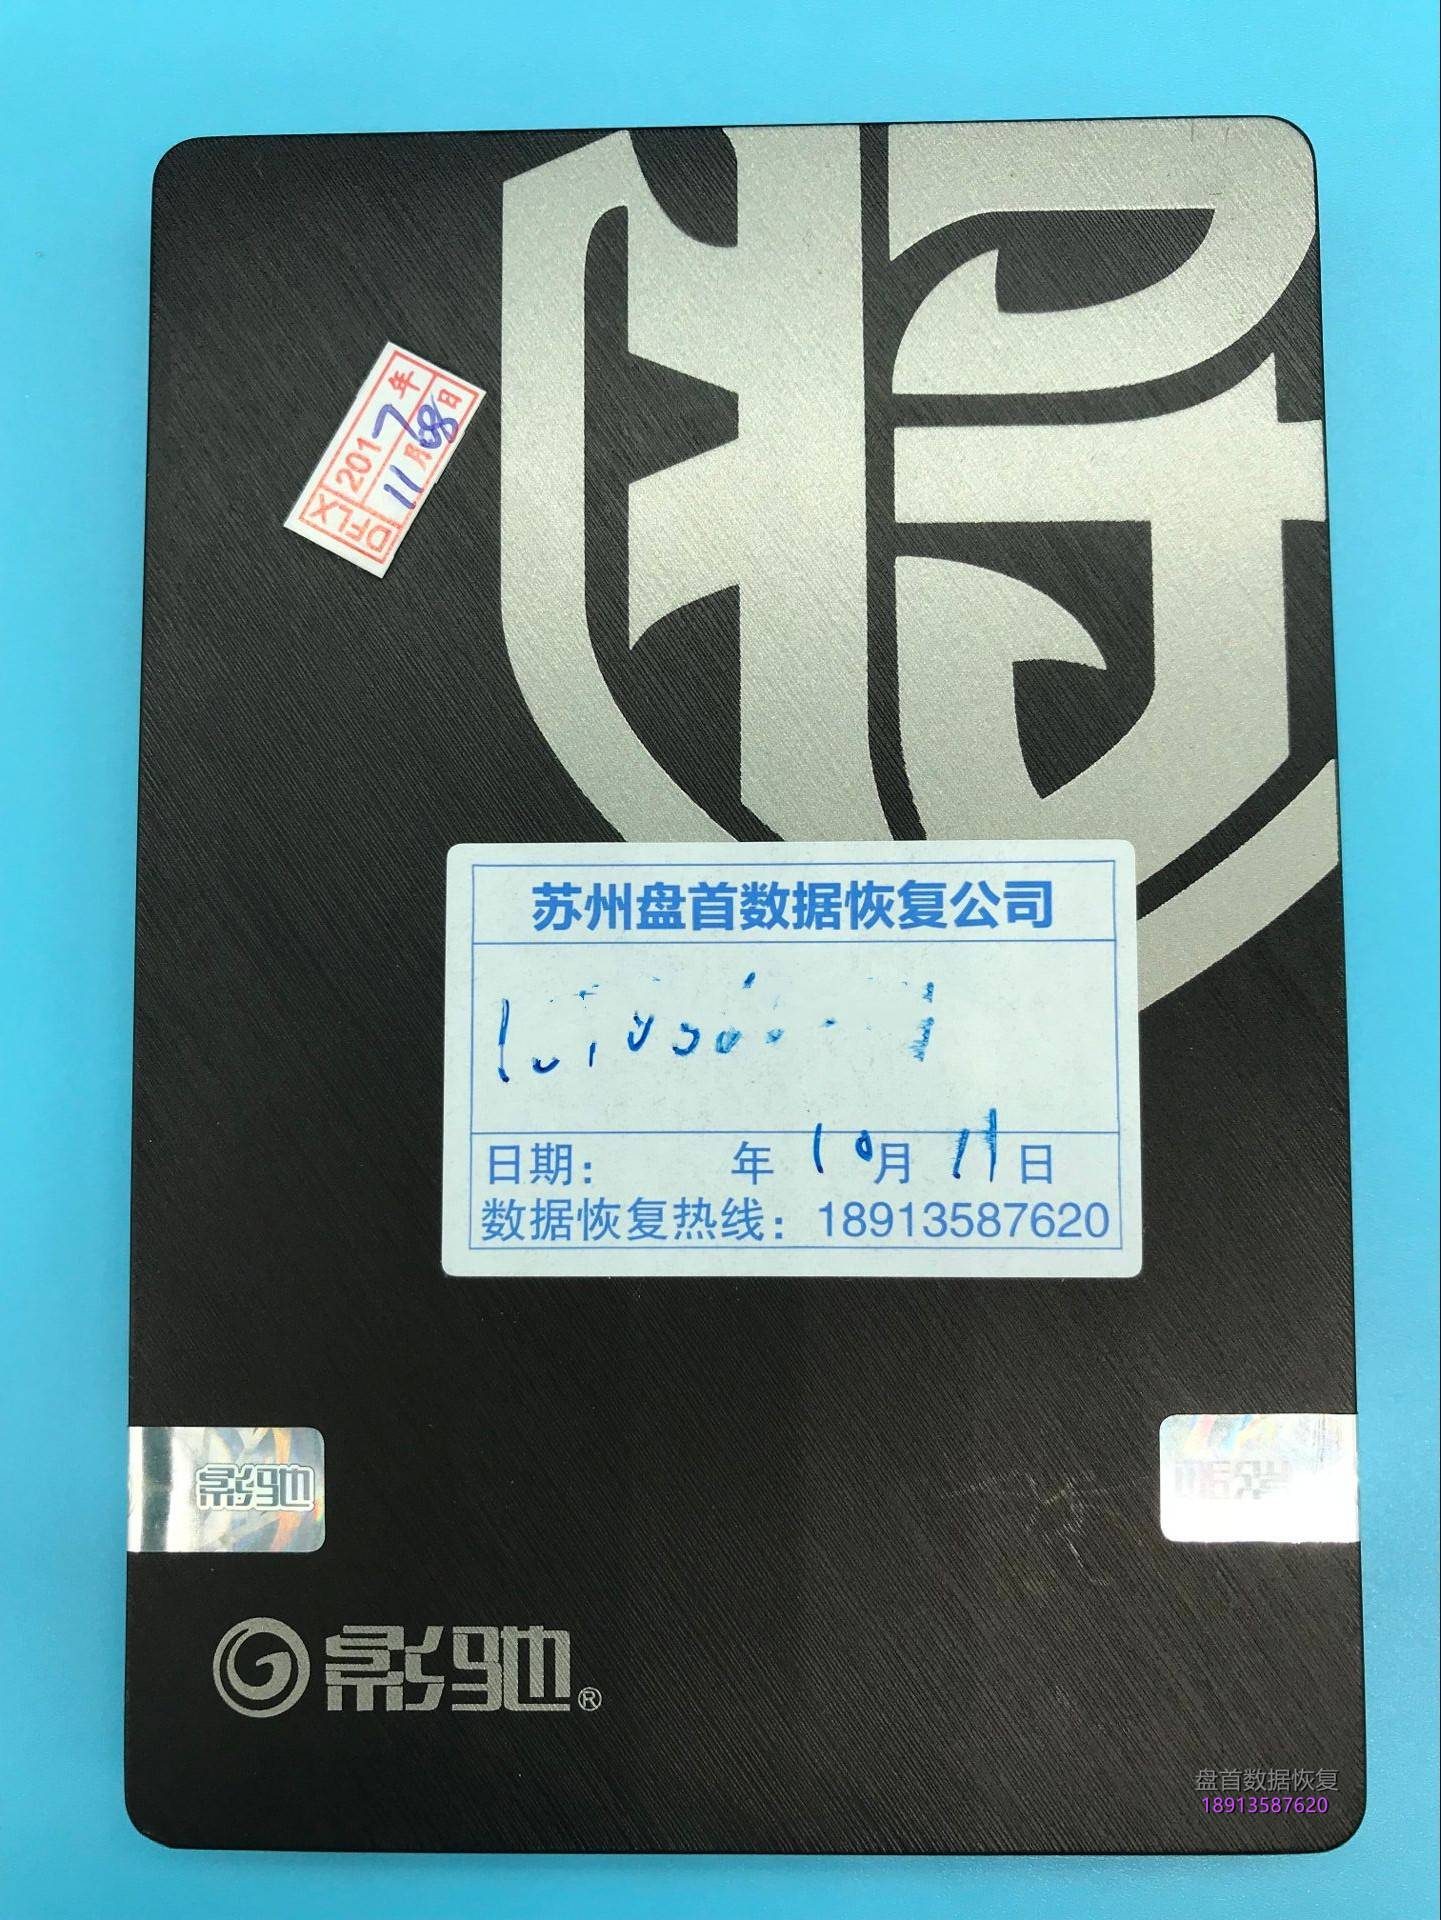 0-5 PS3111主控影驰120G固态硬盘掉盘后识别成SATAFIRM S11数据恢复完美成功